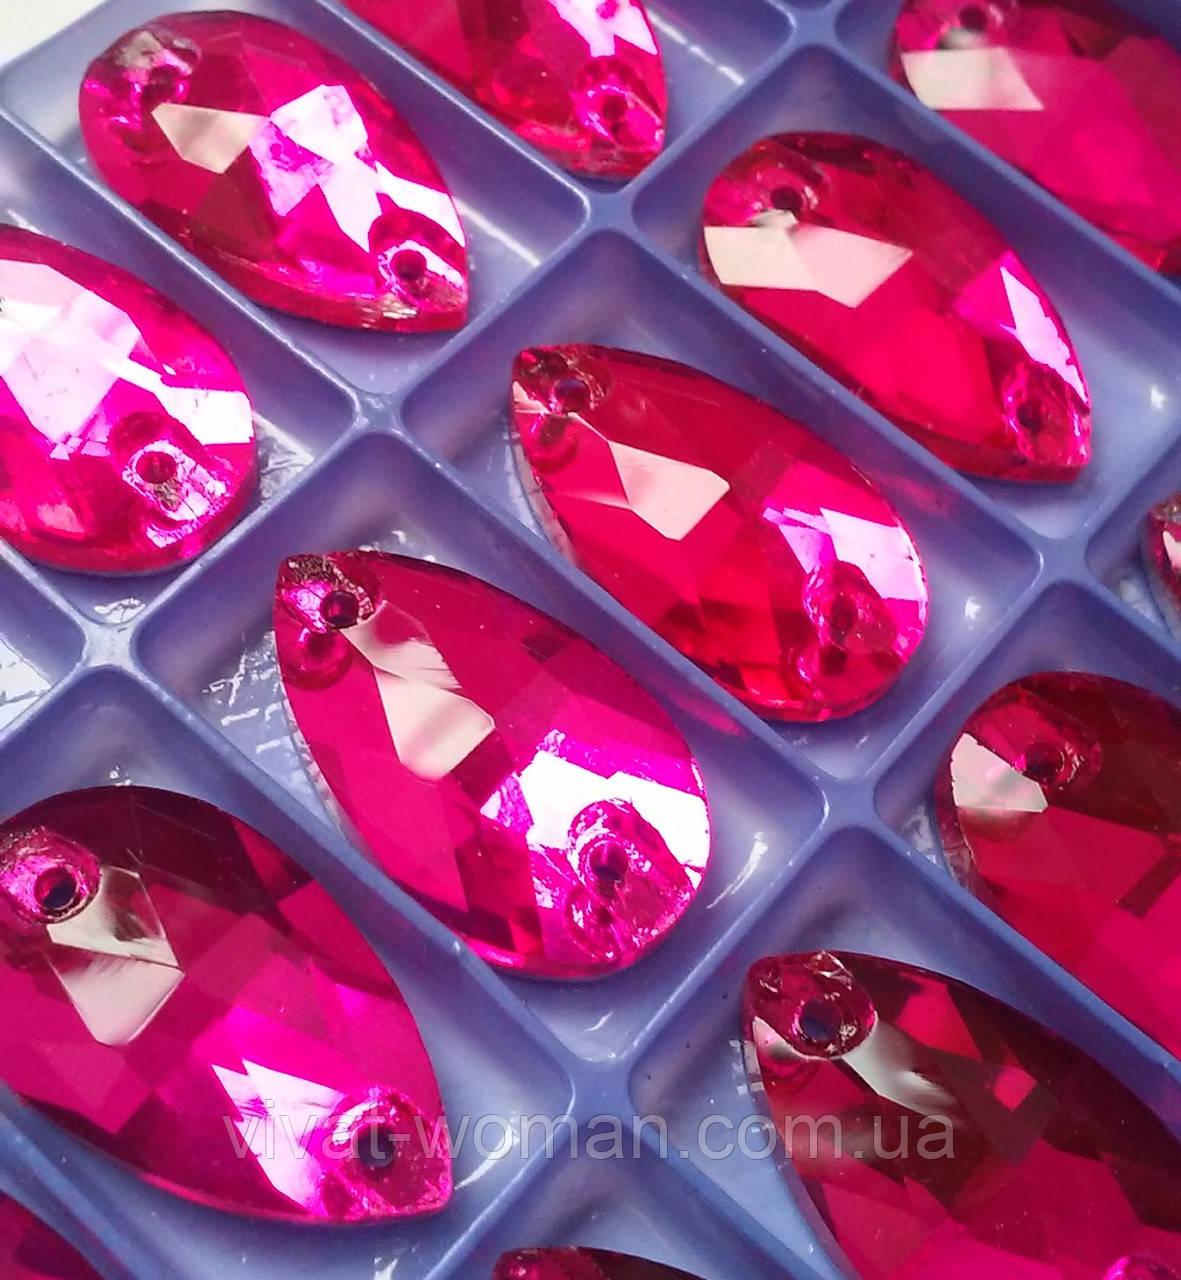 Стразы пришивные Капля 7х12 мм Fuchsia (малиновый), стекло